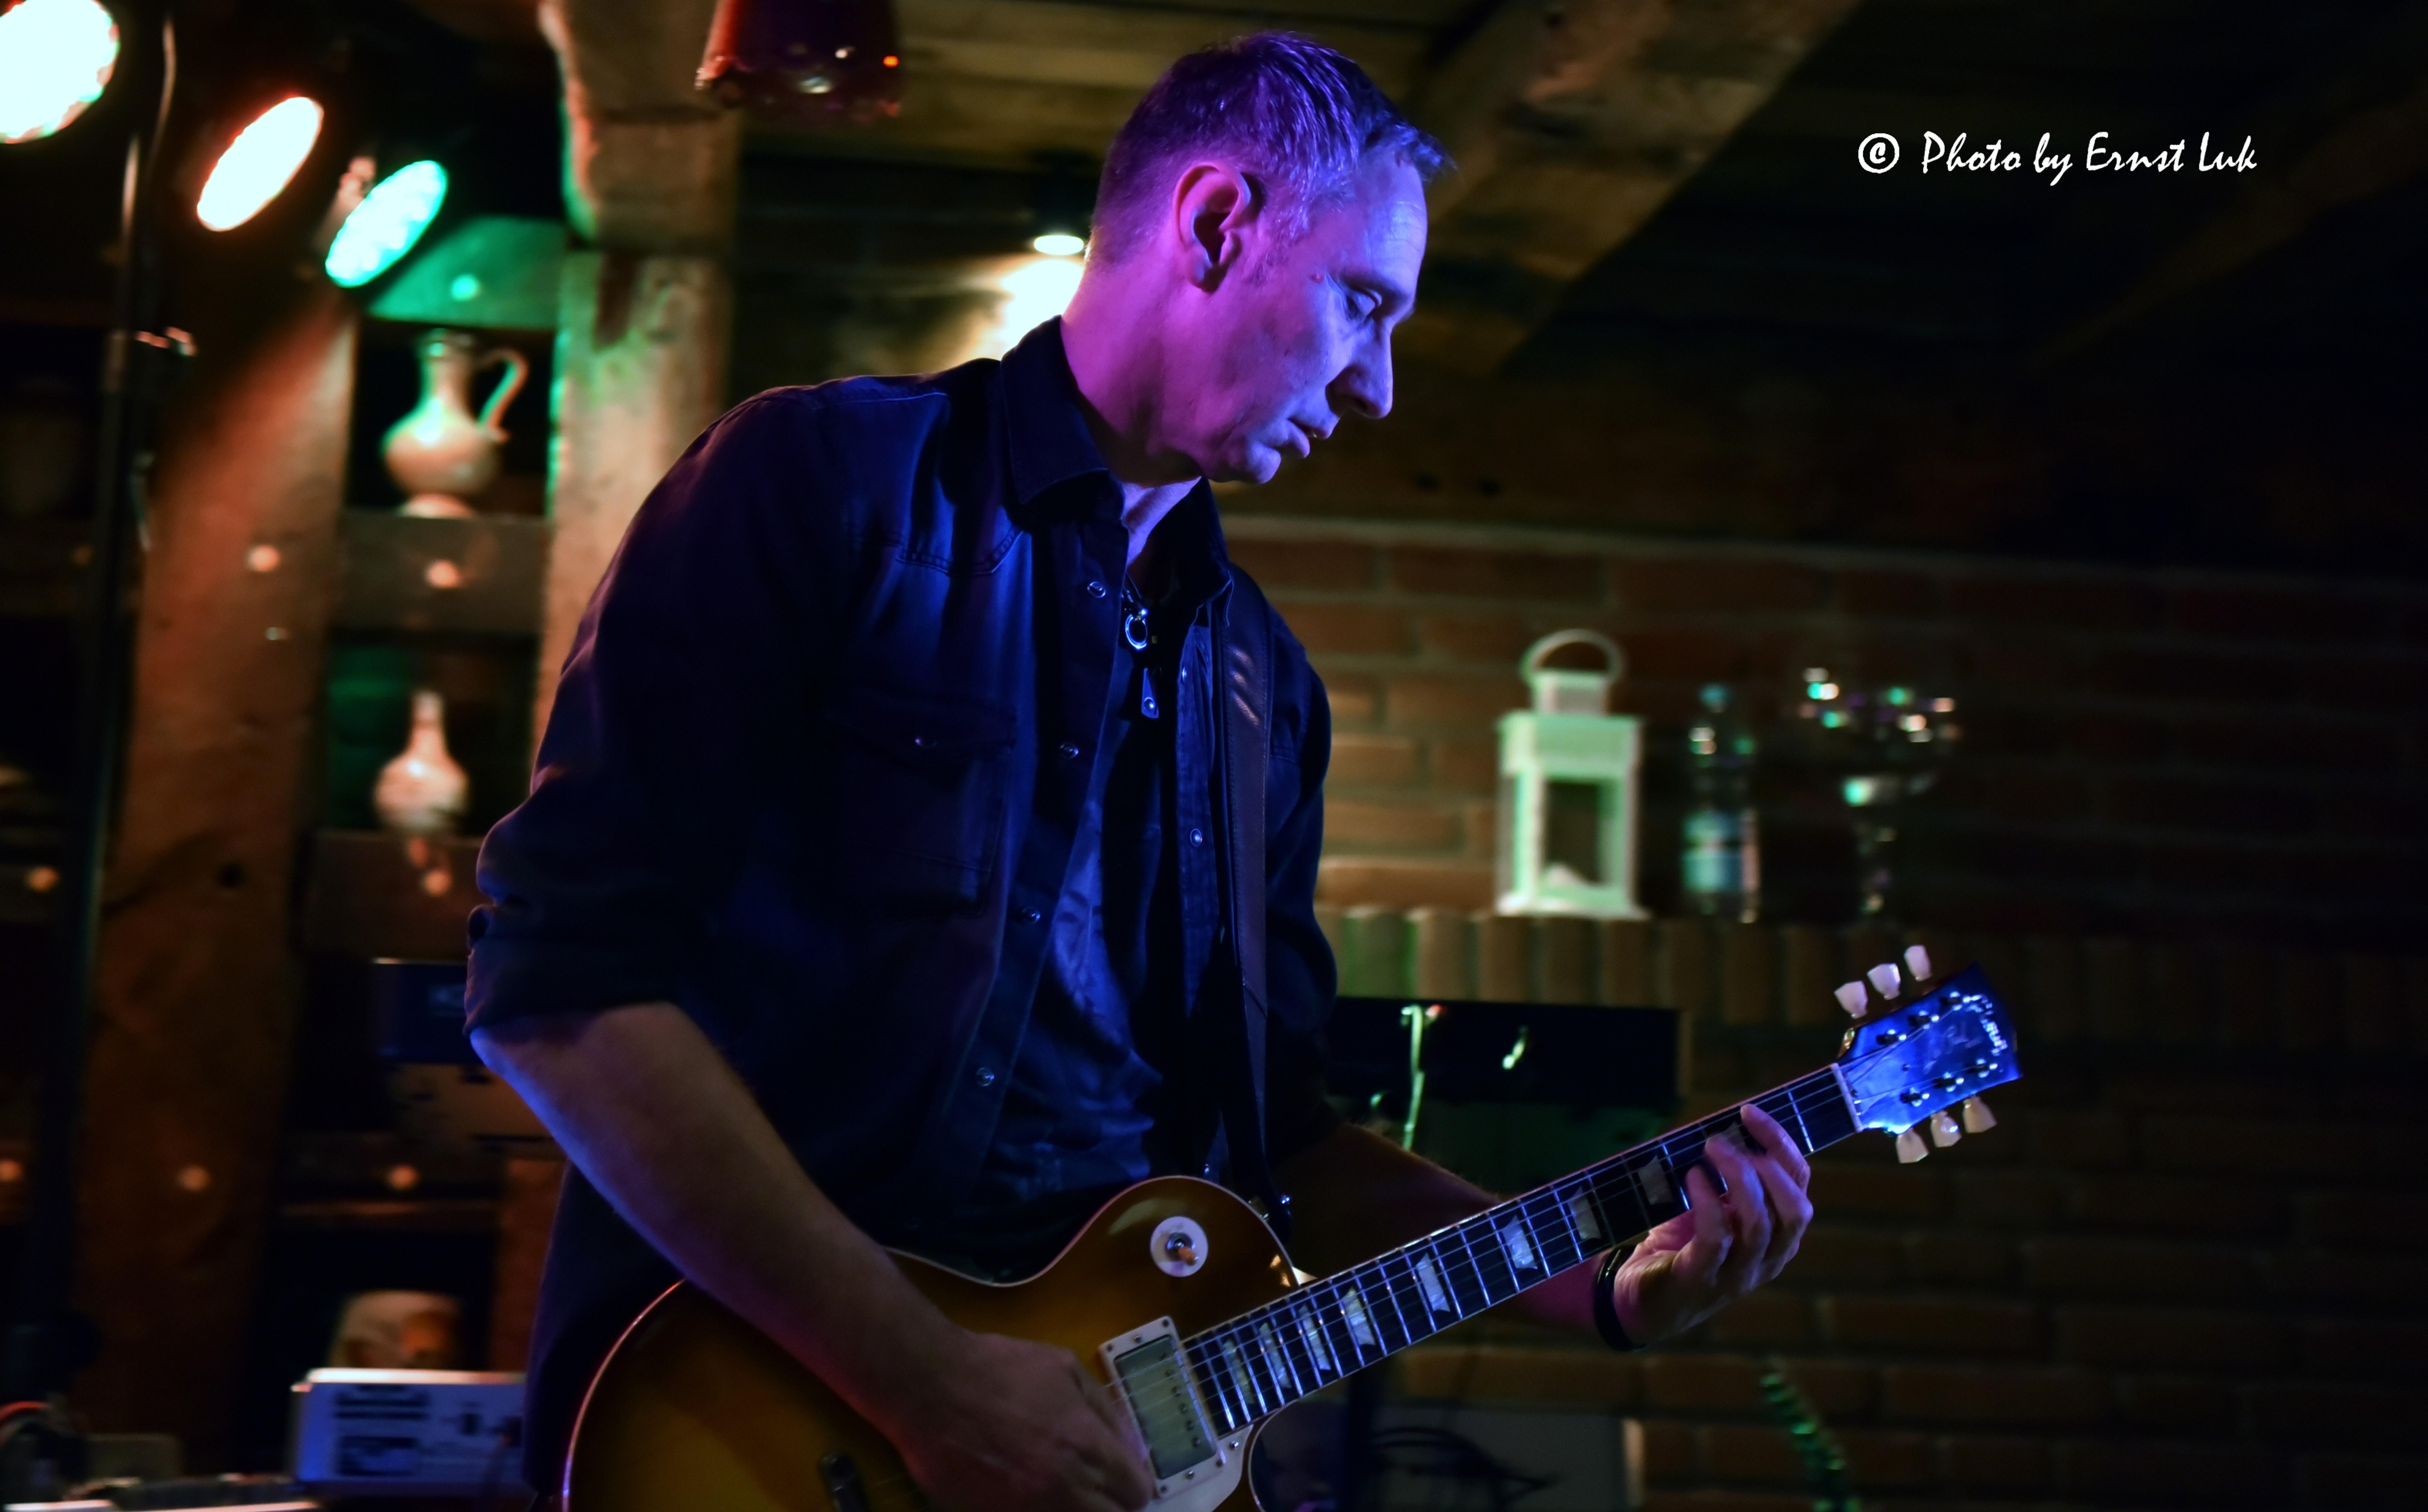 Der E-Gitarrist Frank Seidler von Wild@Heart performt auf einer Bühne